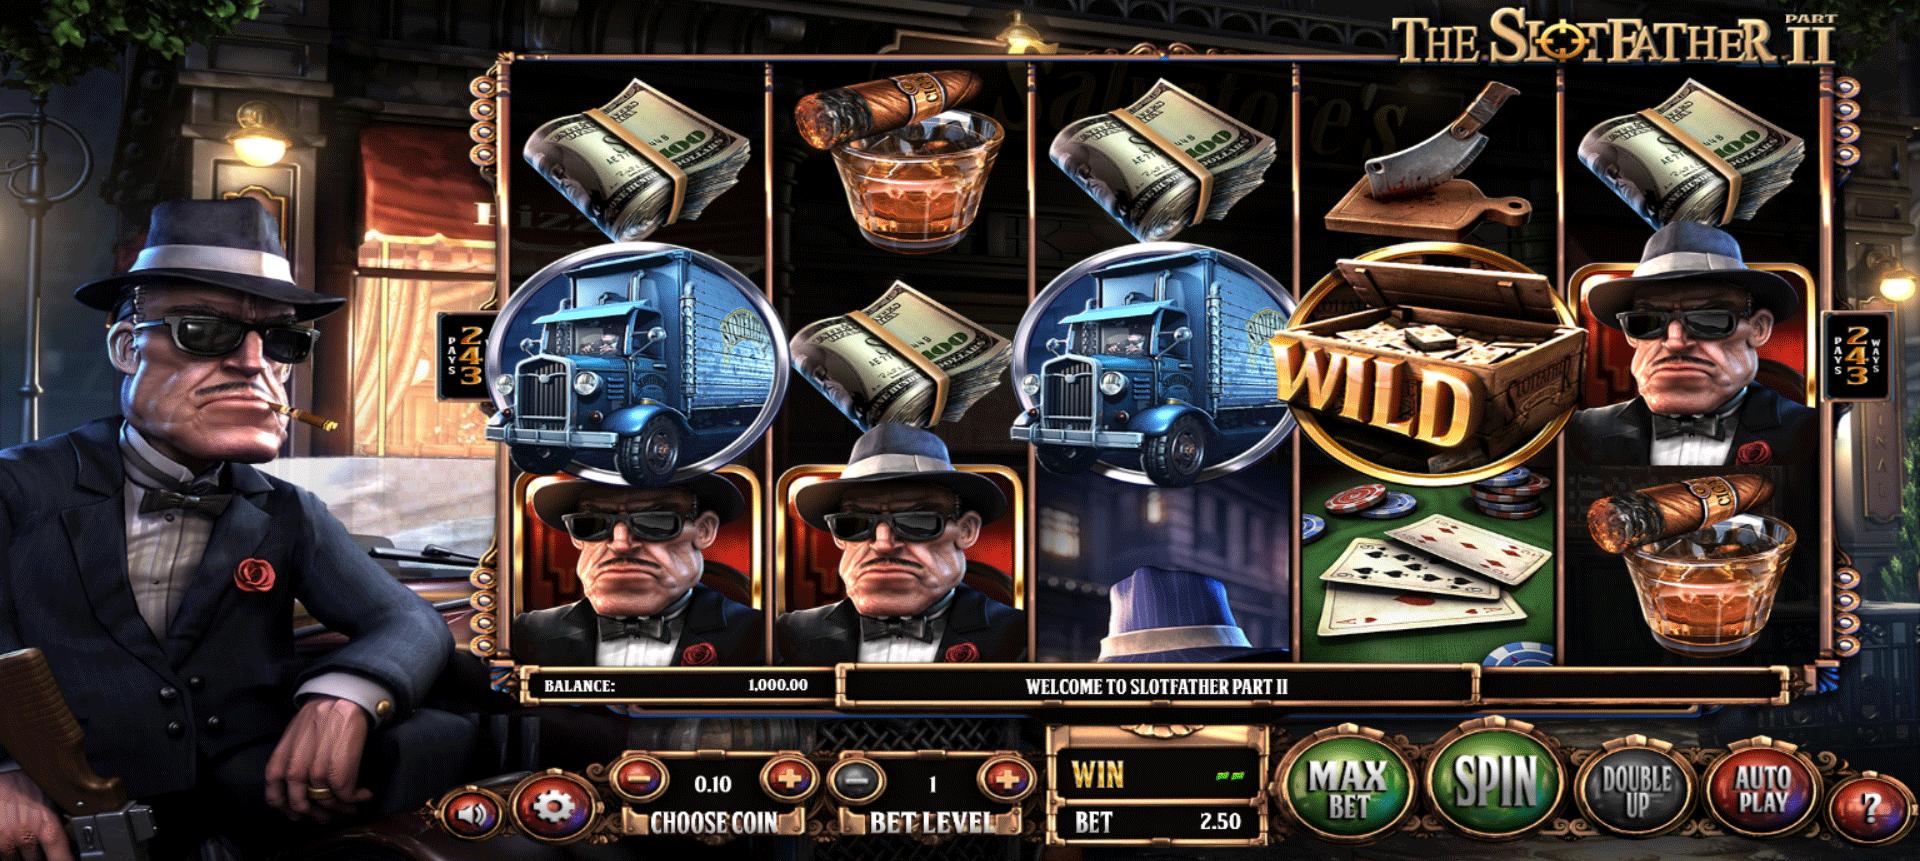 Slot The SlotFather II